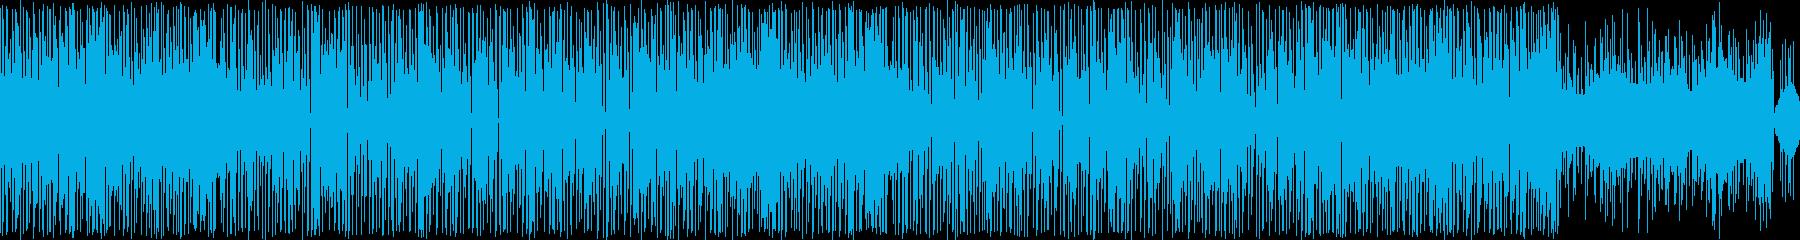 8bitレトロゲーム・ポップな和風ループの再生済みの波形